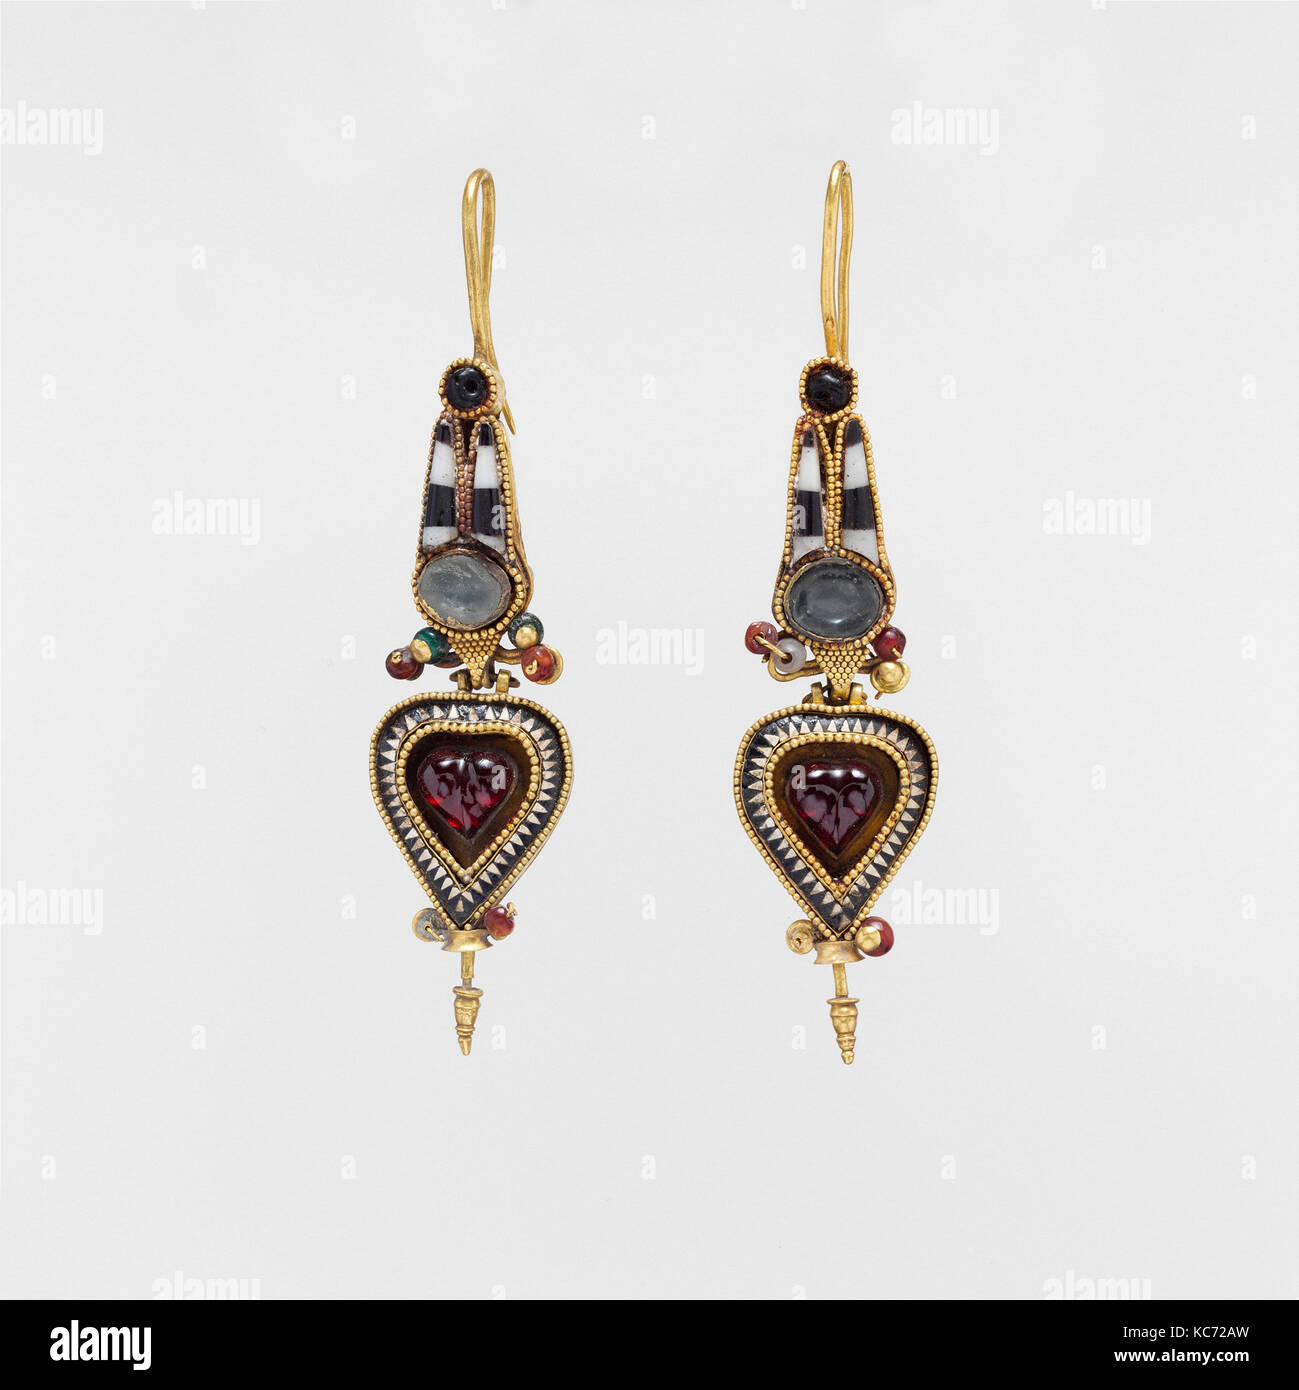 70b8bc1fff00 Par de aretes de oro con un egipcio Atef corona con piedras y cristal